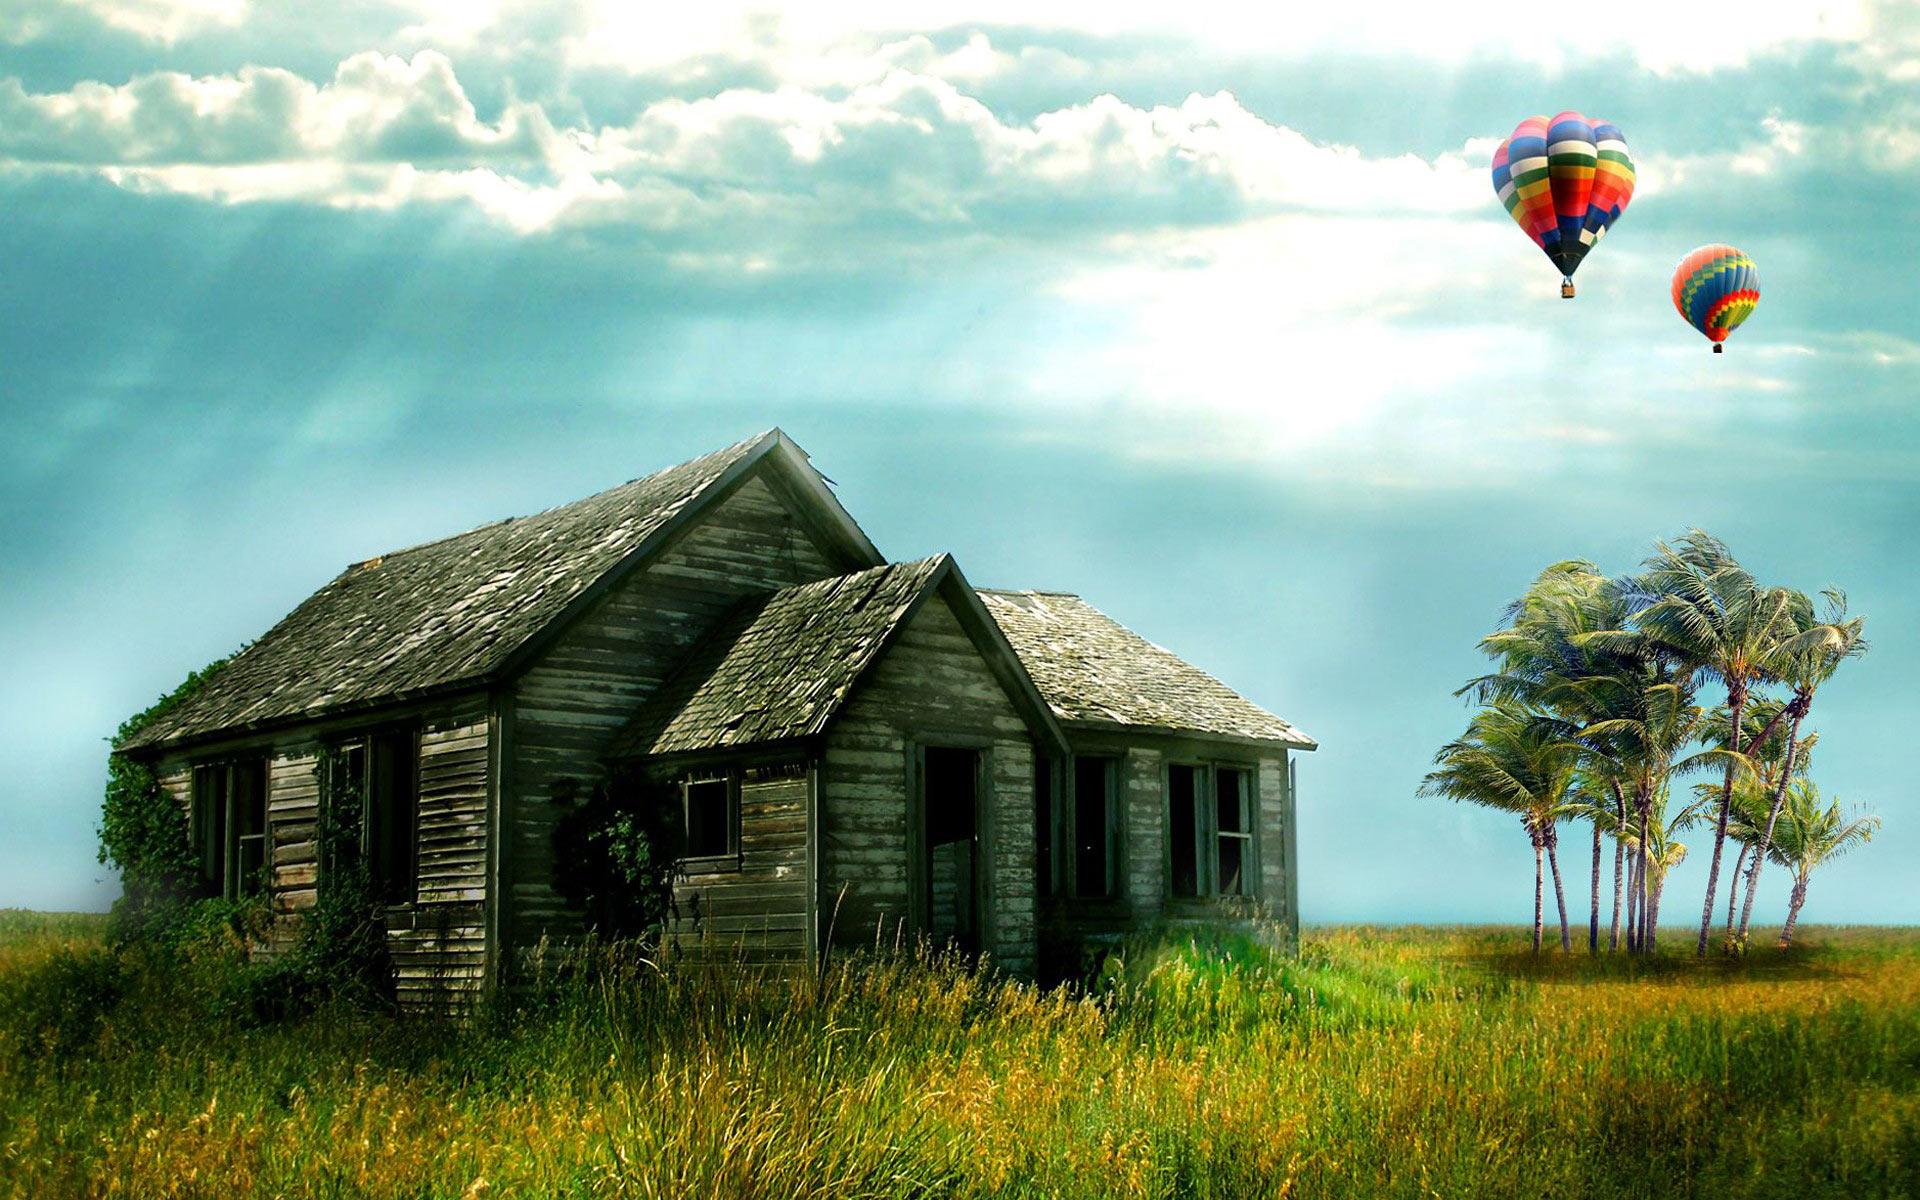 Hot air balloon Windows 7 desktop backgrounds Desktop Wallpaper 1920x1200